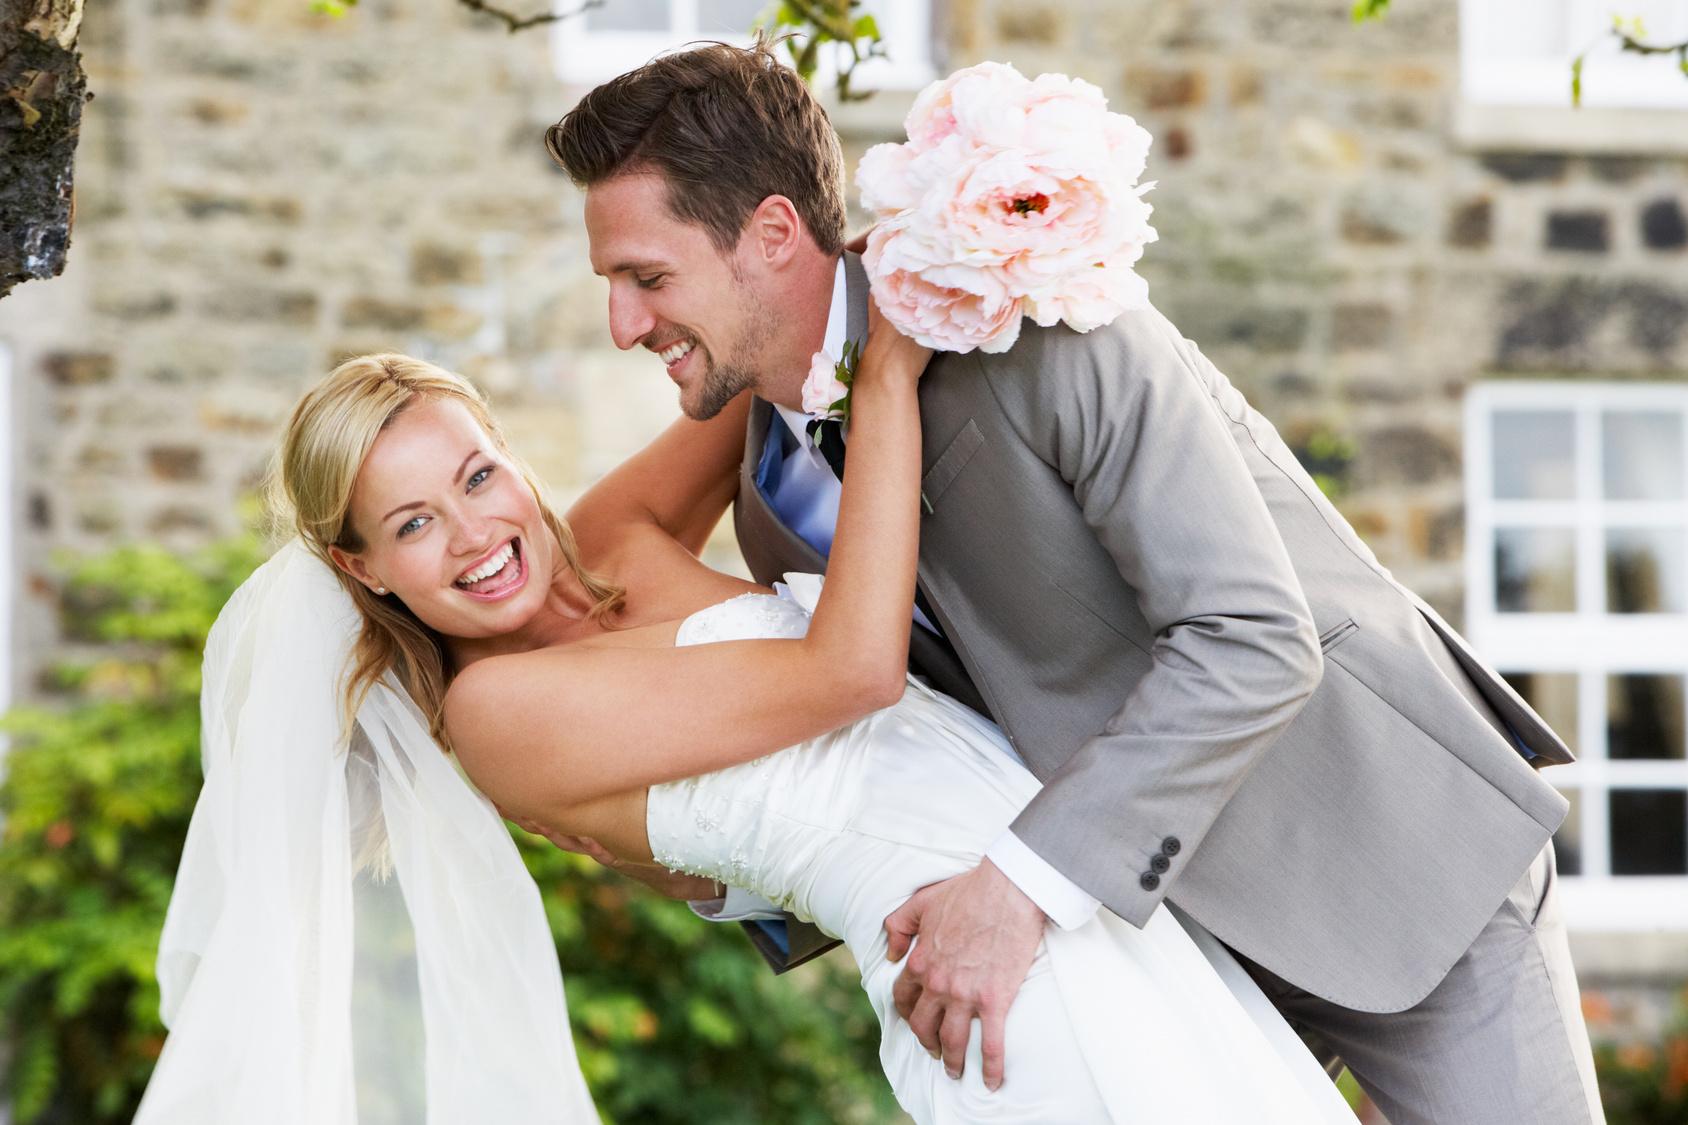 Получить немецкое гражданство можно заключив брак с гражданином Германии